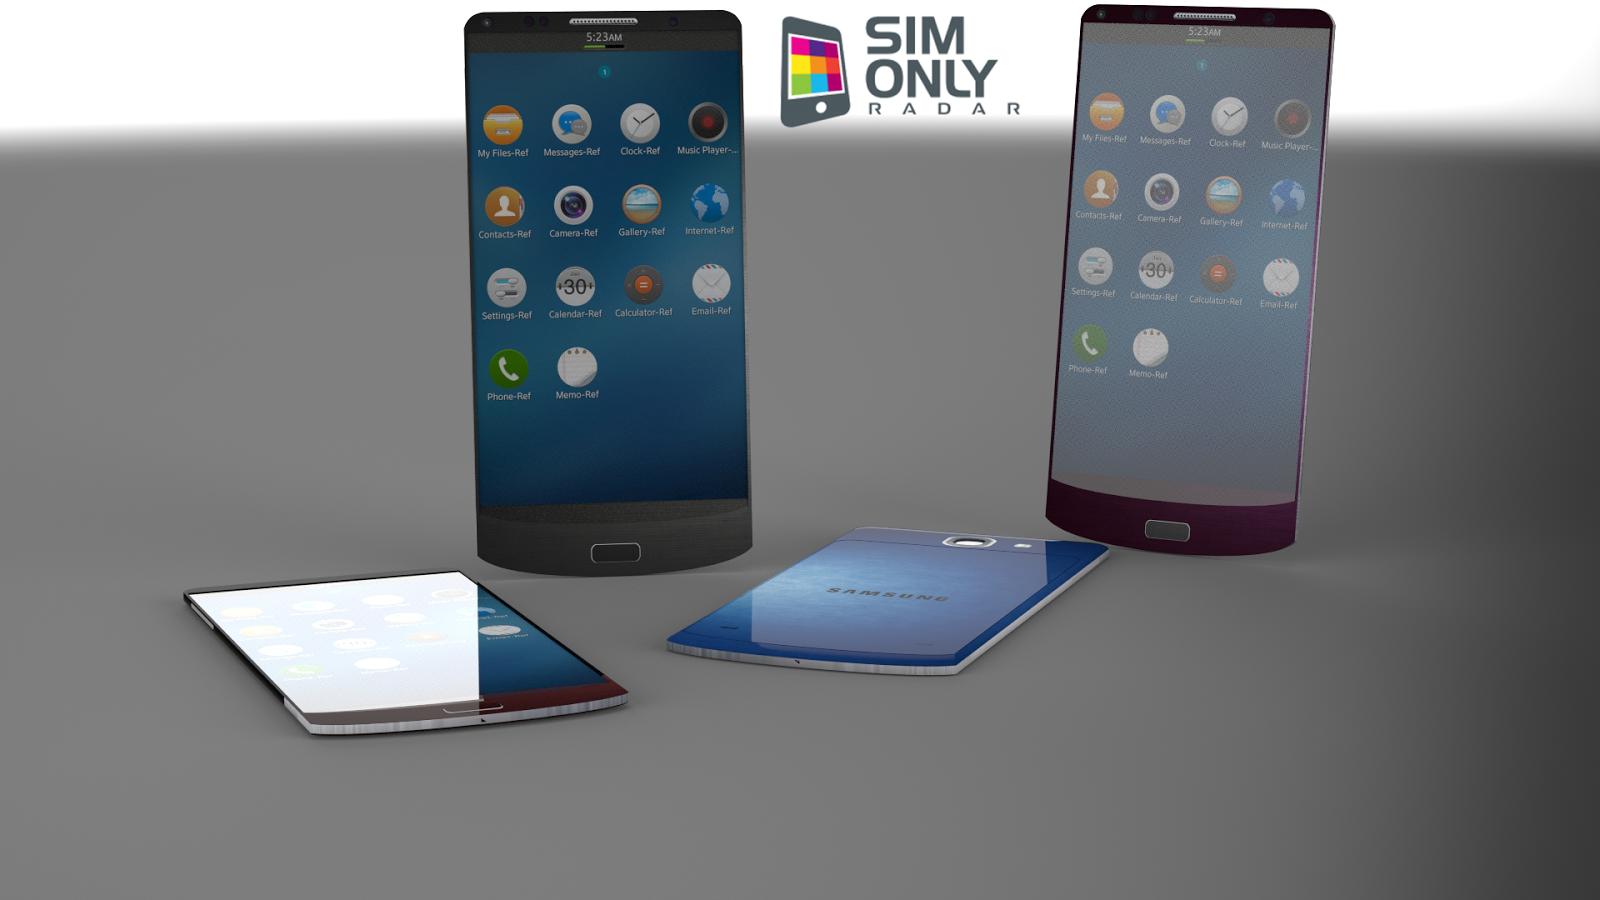 یک طراحی مفهومی از یک گوشی هوشمند با سیستمعامل تایزن